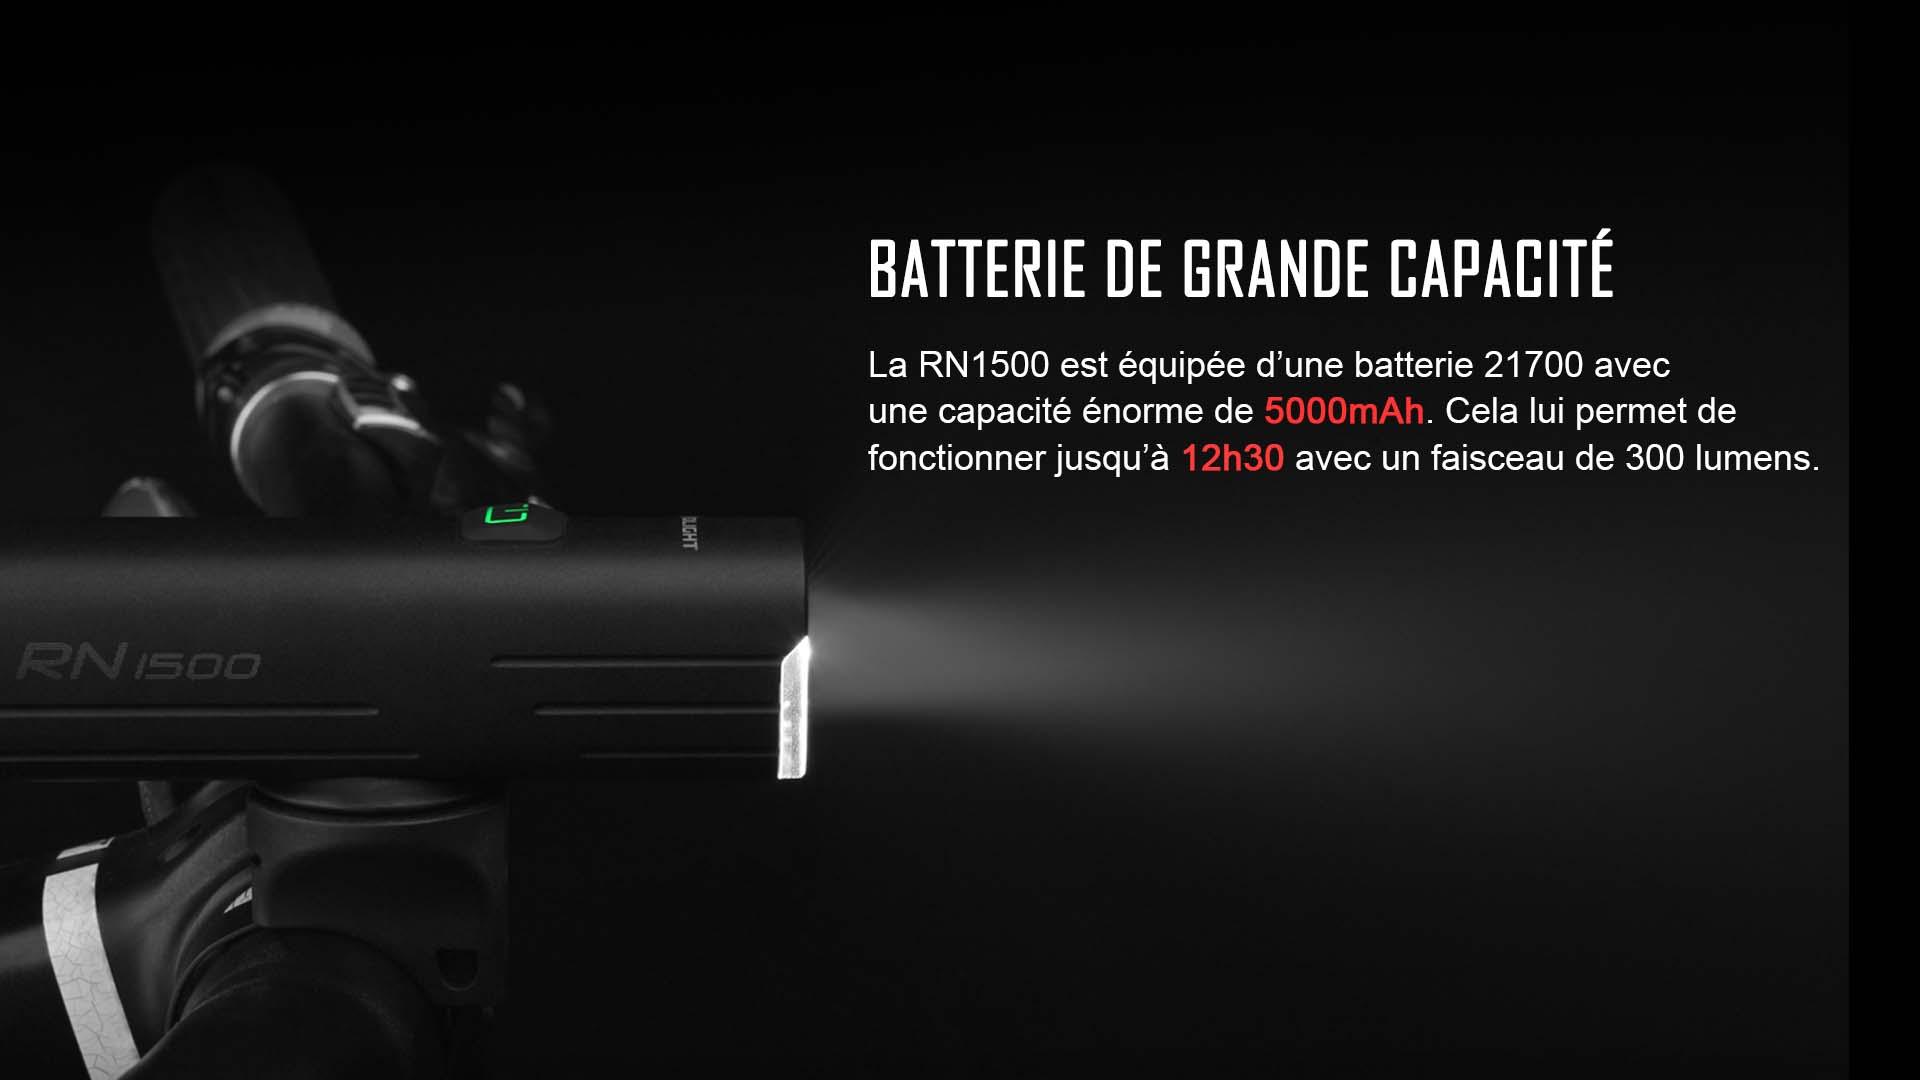 RN1500 éclairage avant vélo batterie de grande capacité